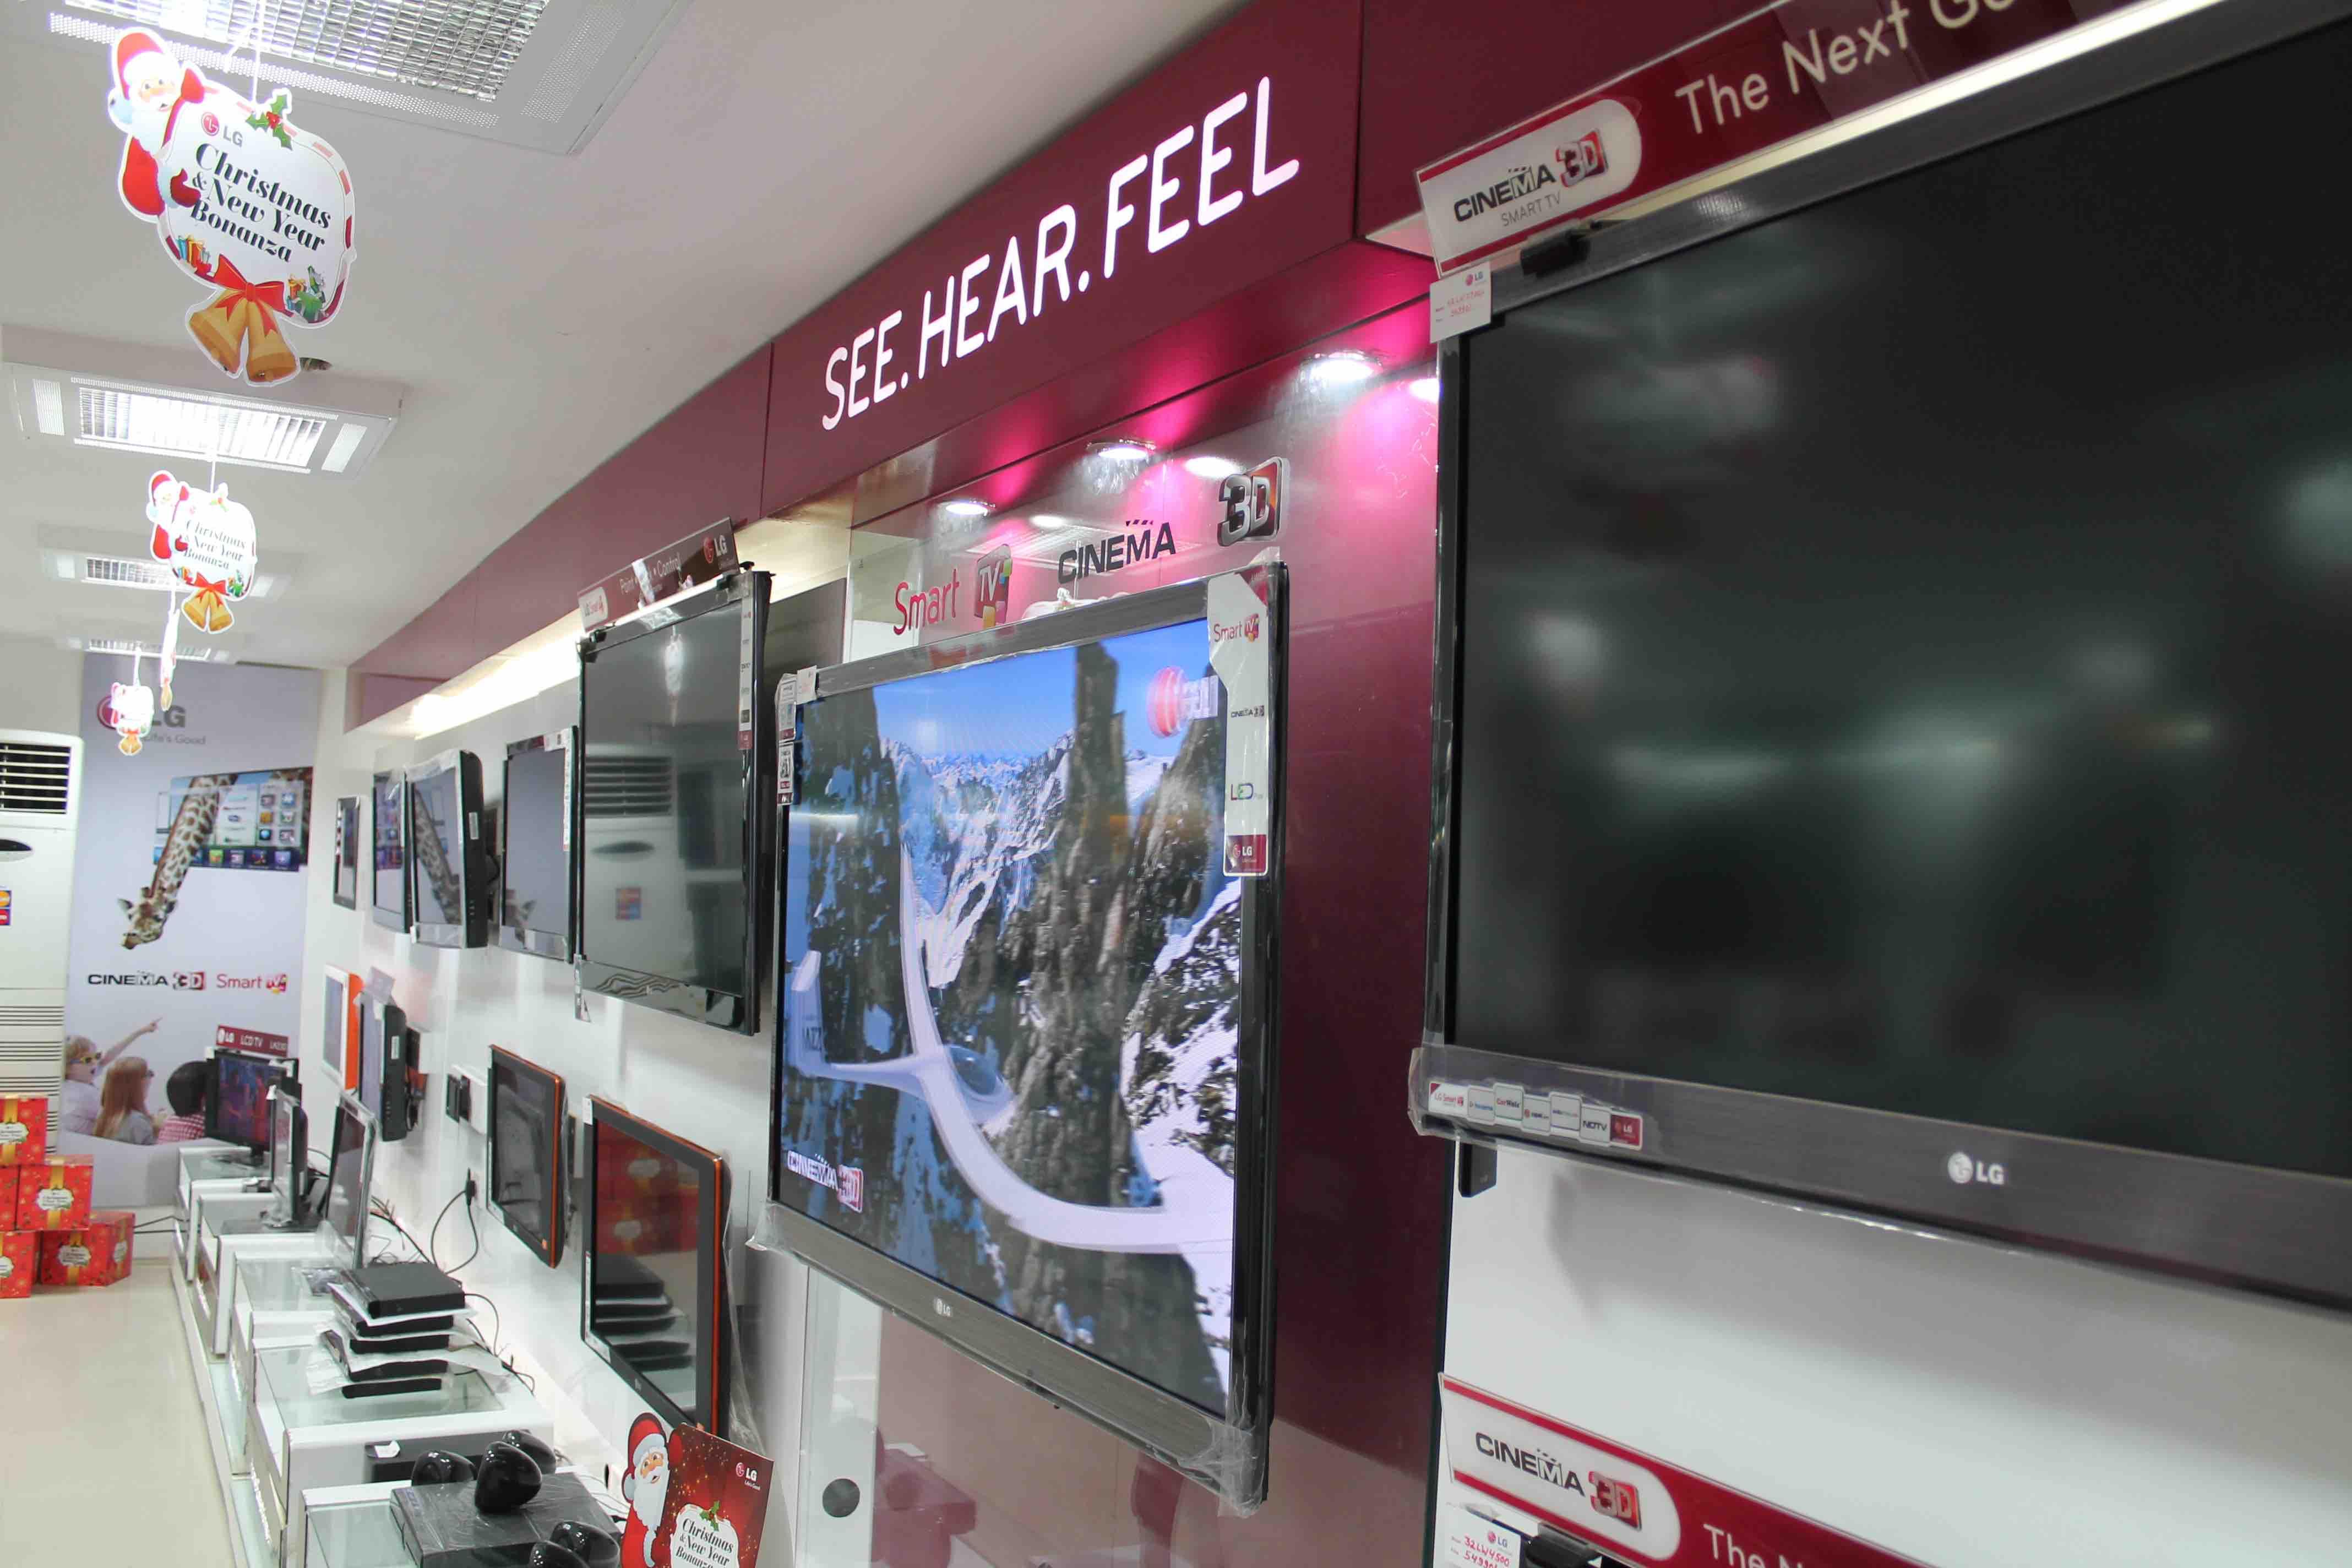 حجم الشاشة : الفرق بين تلفزيون HD و K4